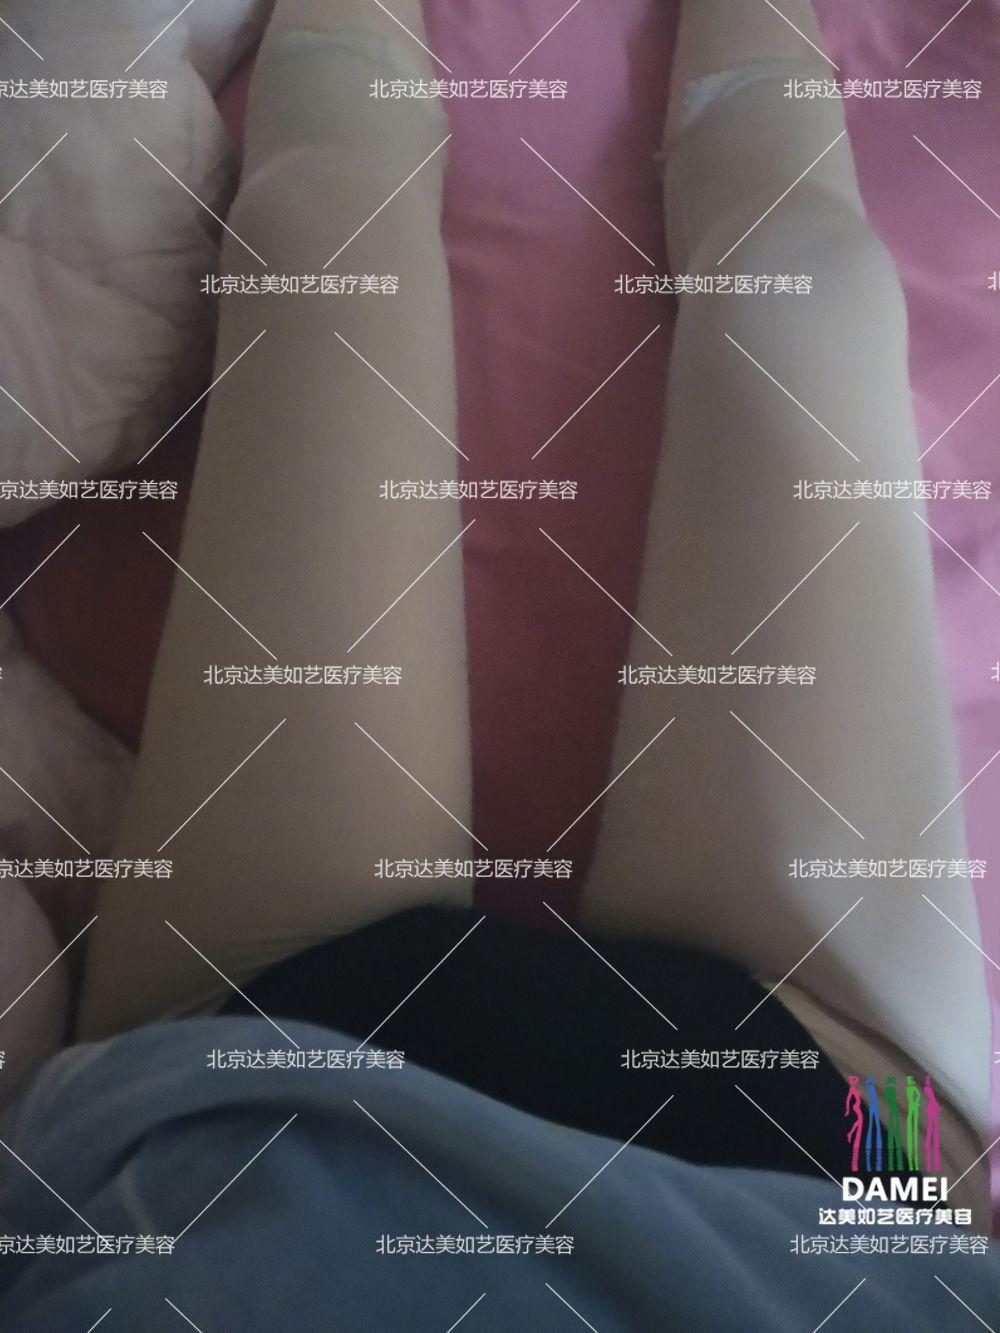 大腿吸脂 项目分类:美体塑形 吸脂